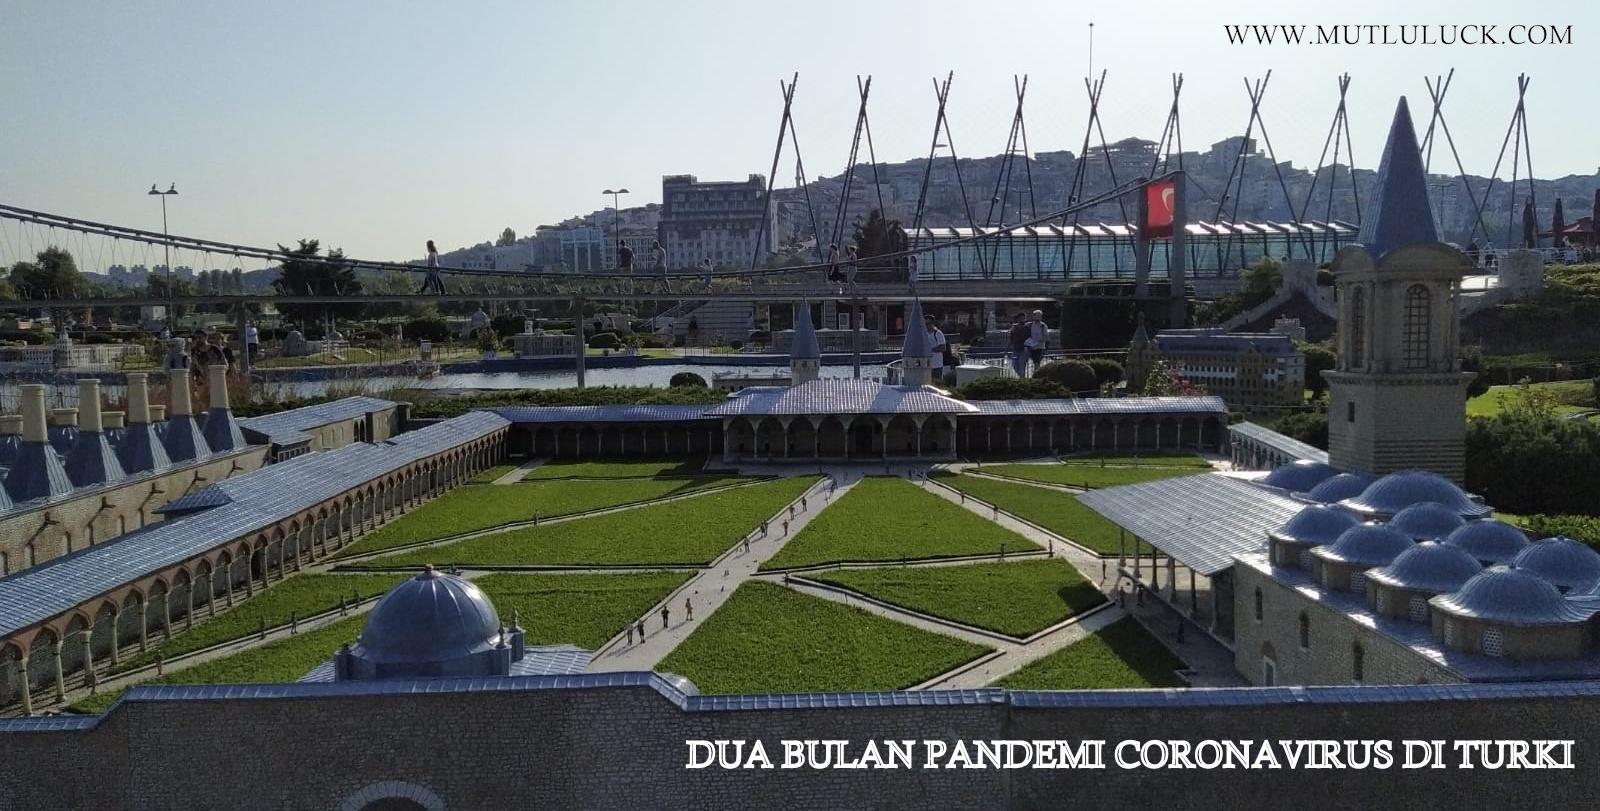 DUA BULAN PANDEMI CORONAVIRUS DI TURKI